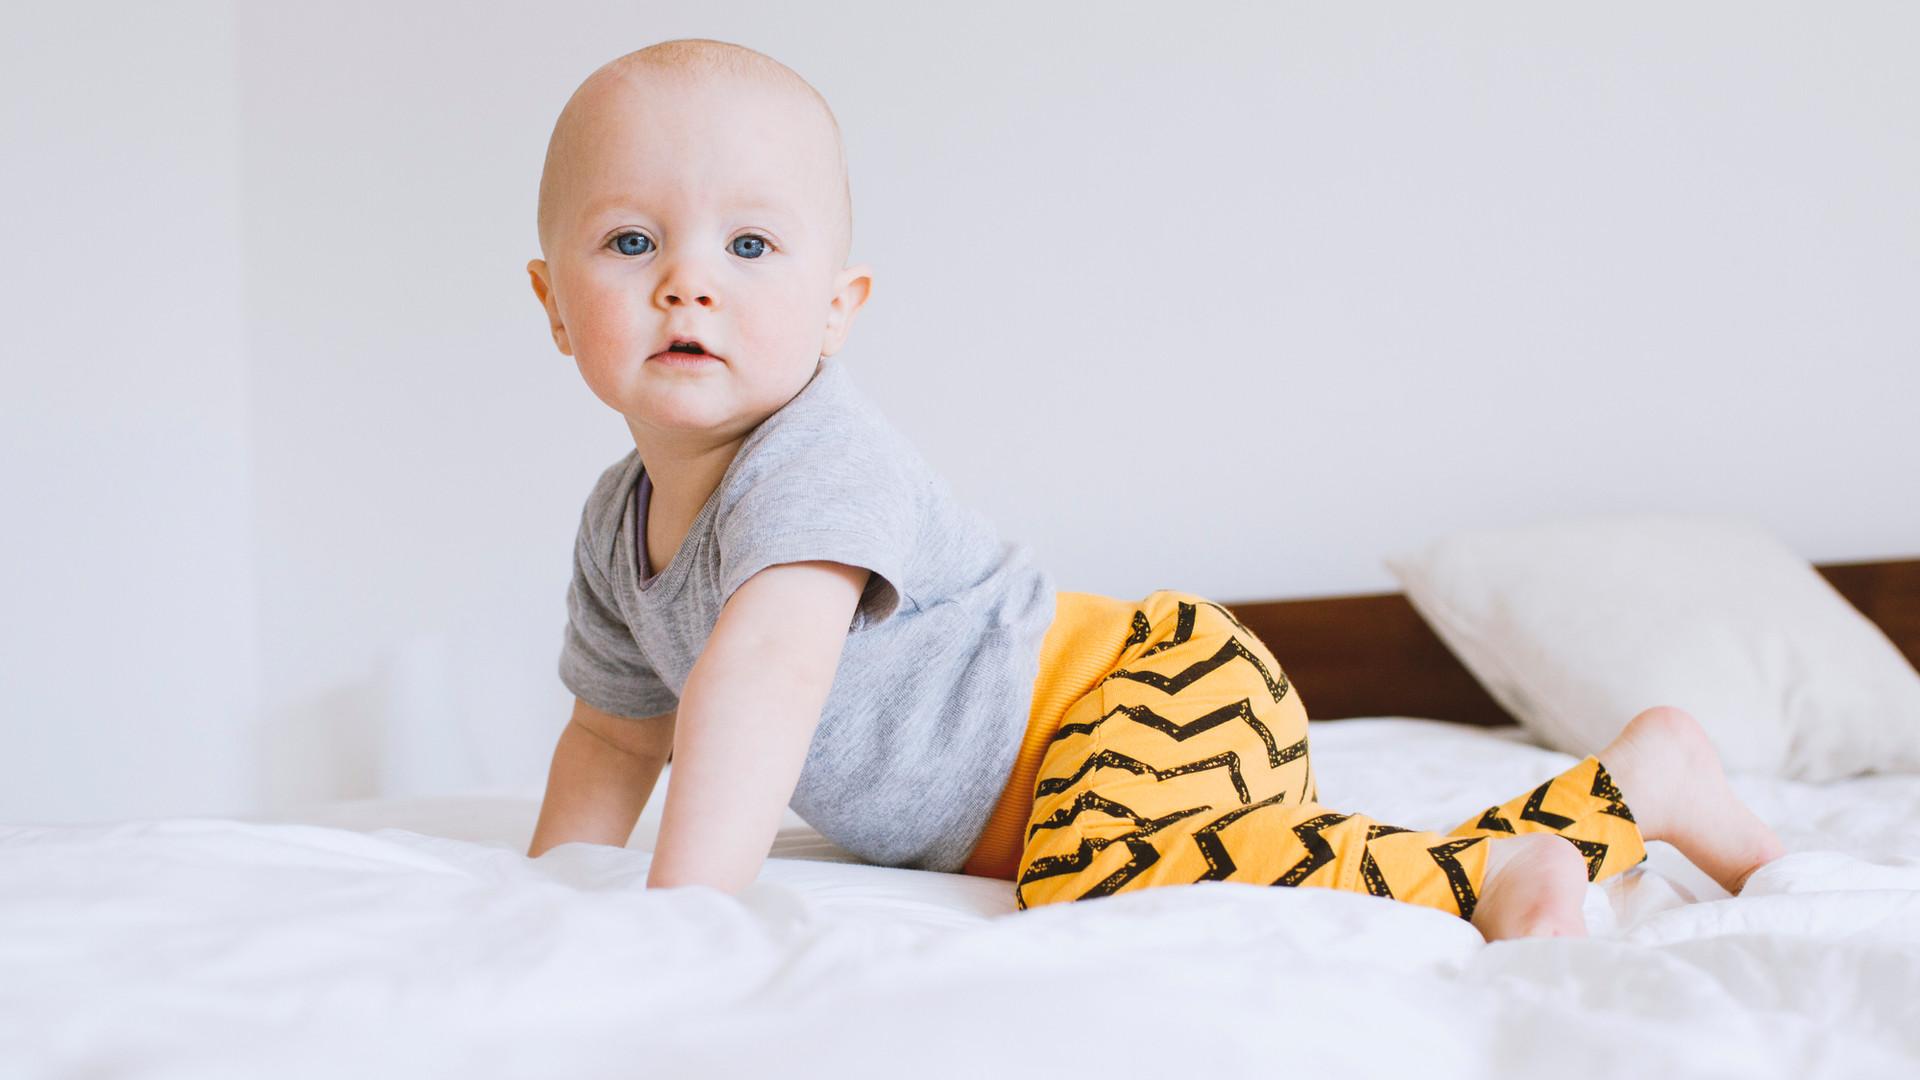 C Baby Crawling